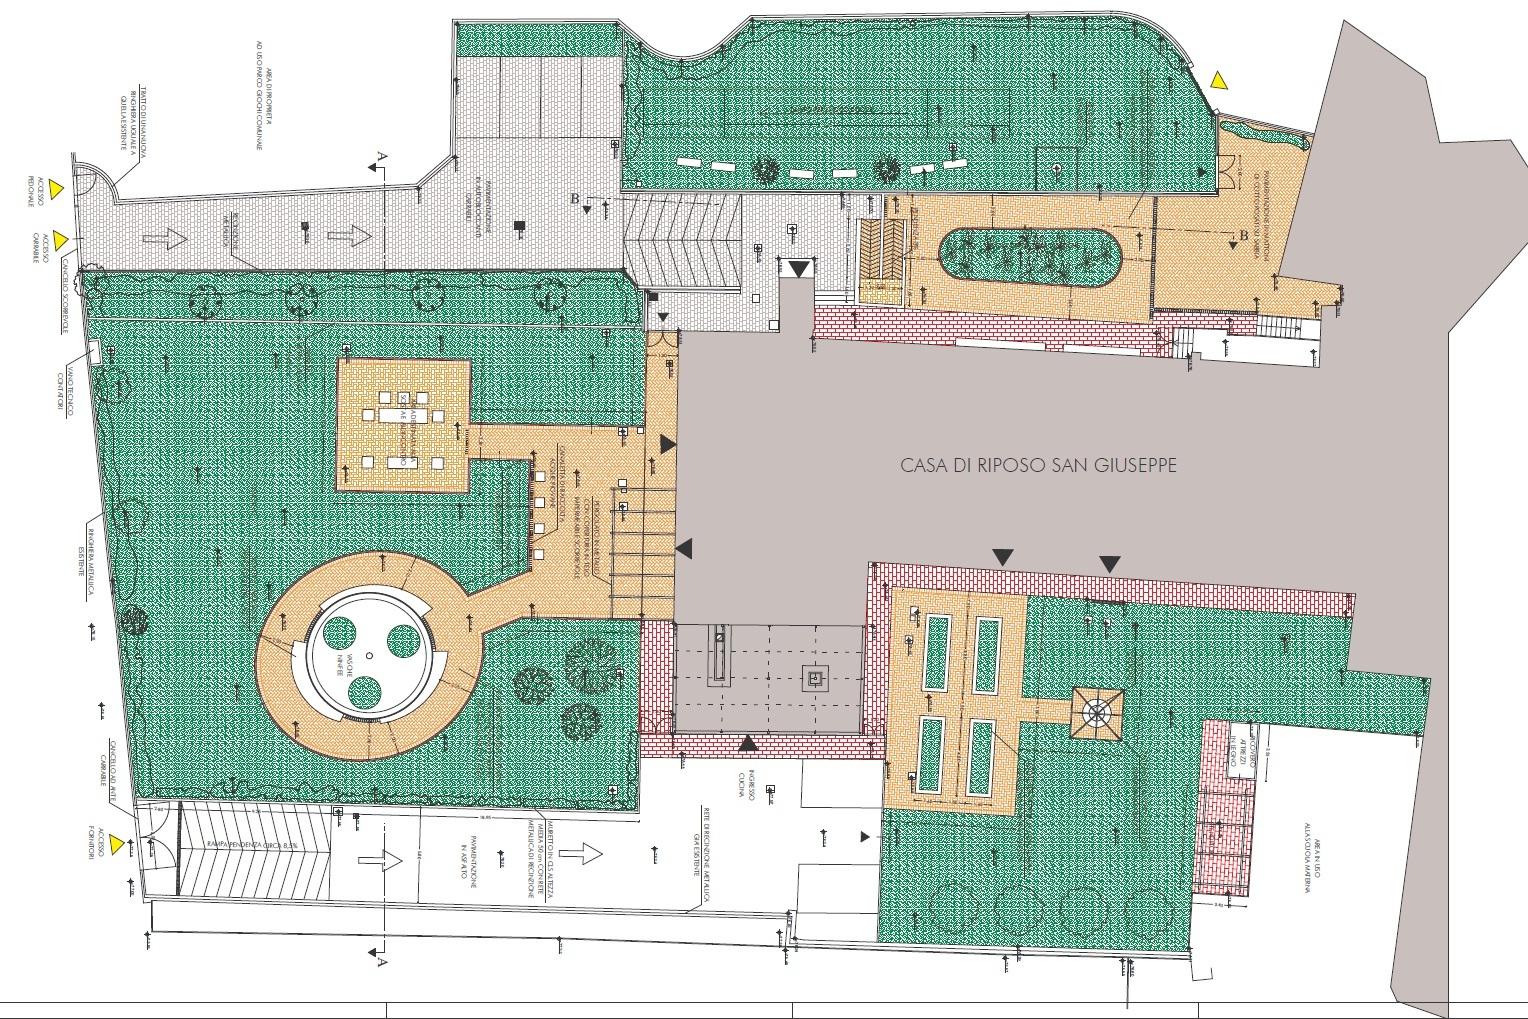 Progetto il giardino della memoria realizzazione di un - Progetto di un giardino ...